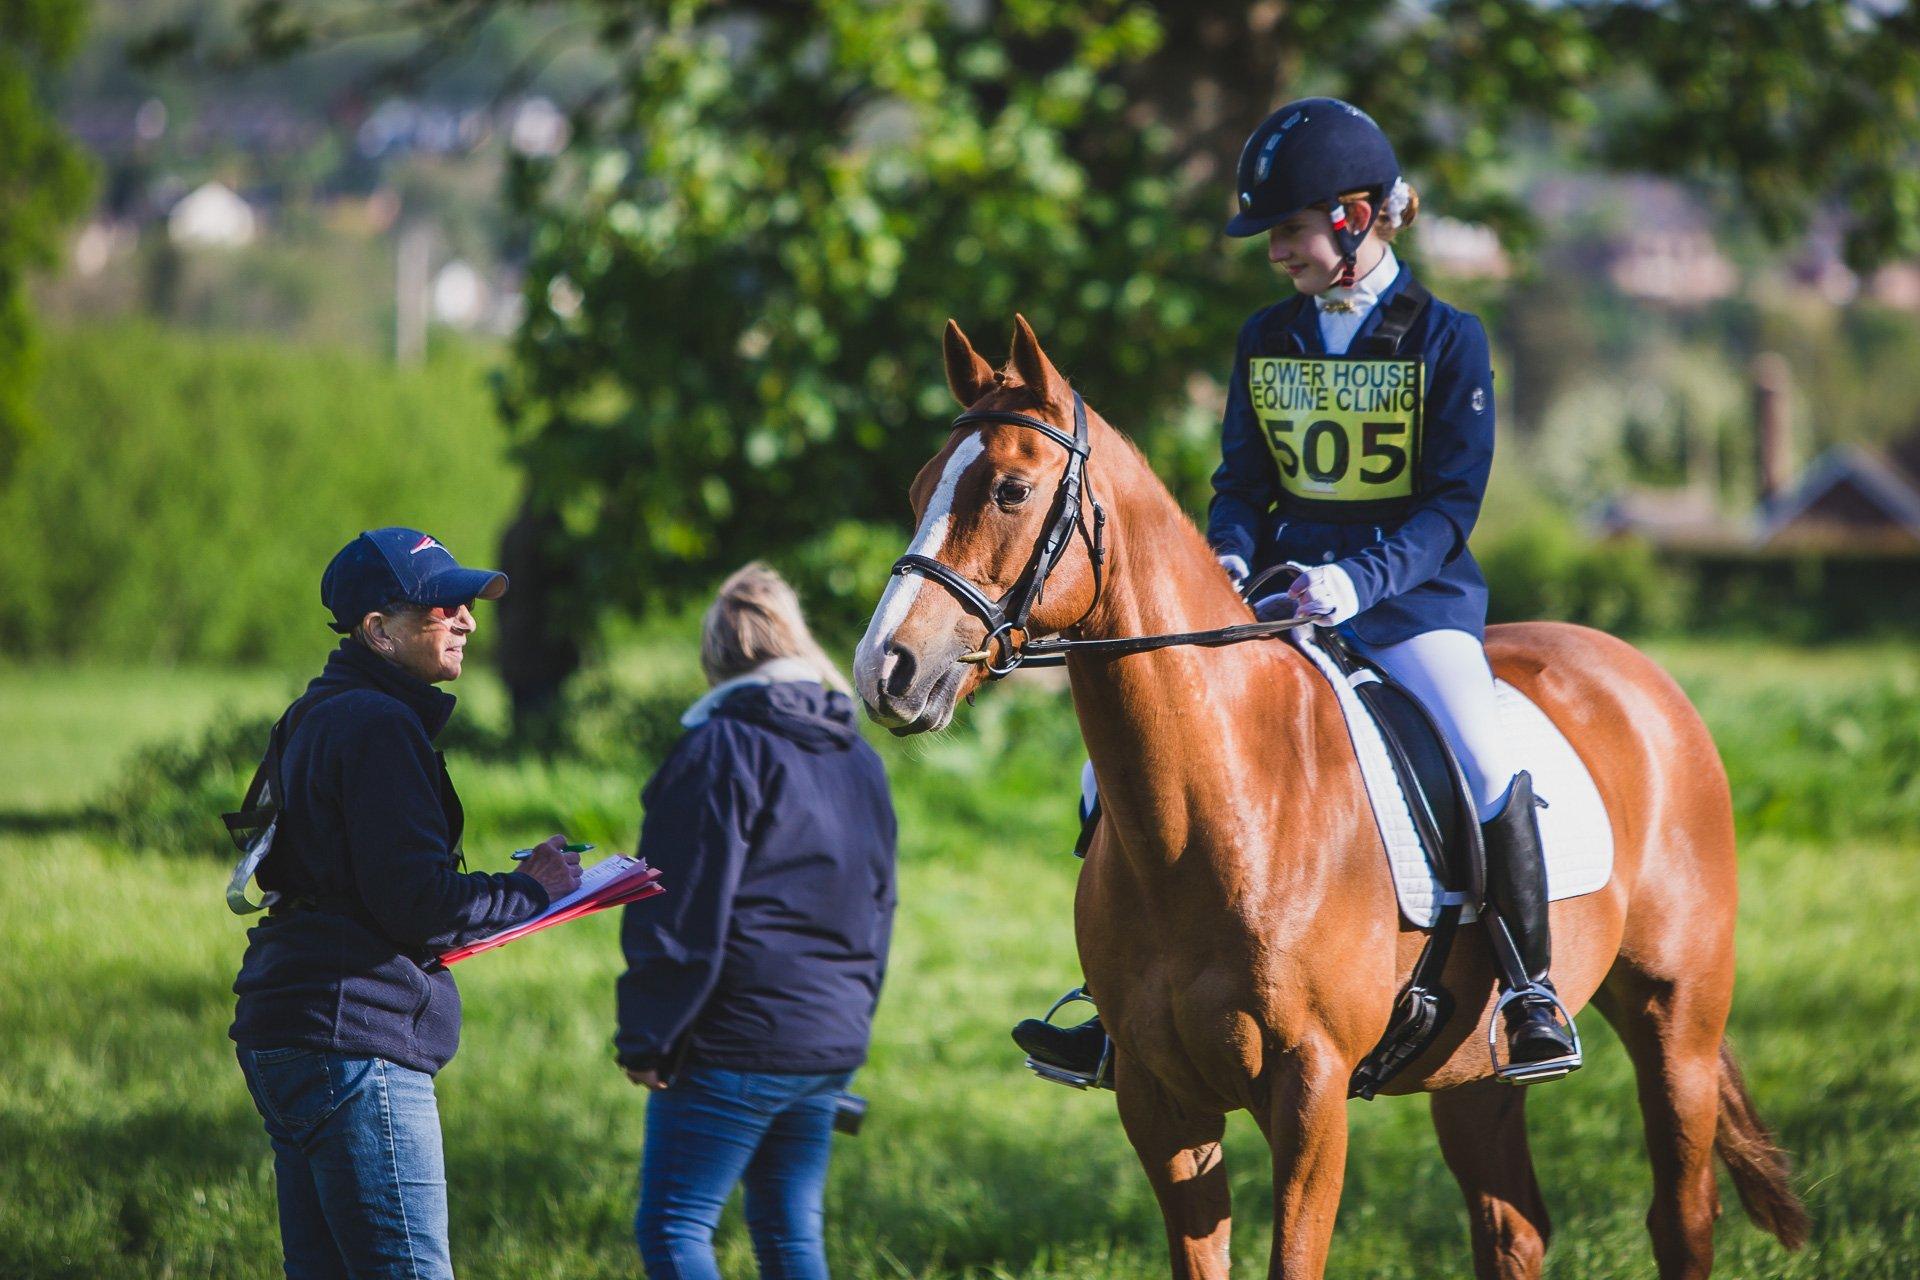 Llanymynech horse trials dressage warm up